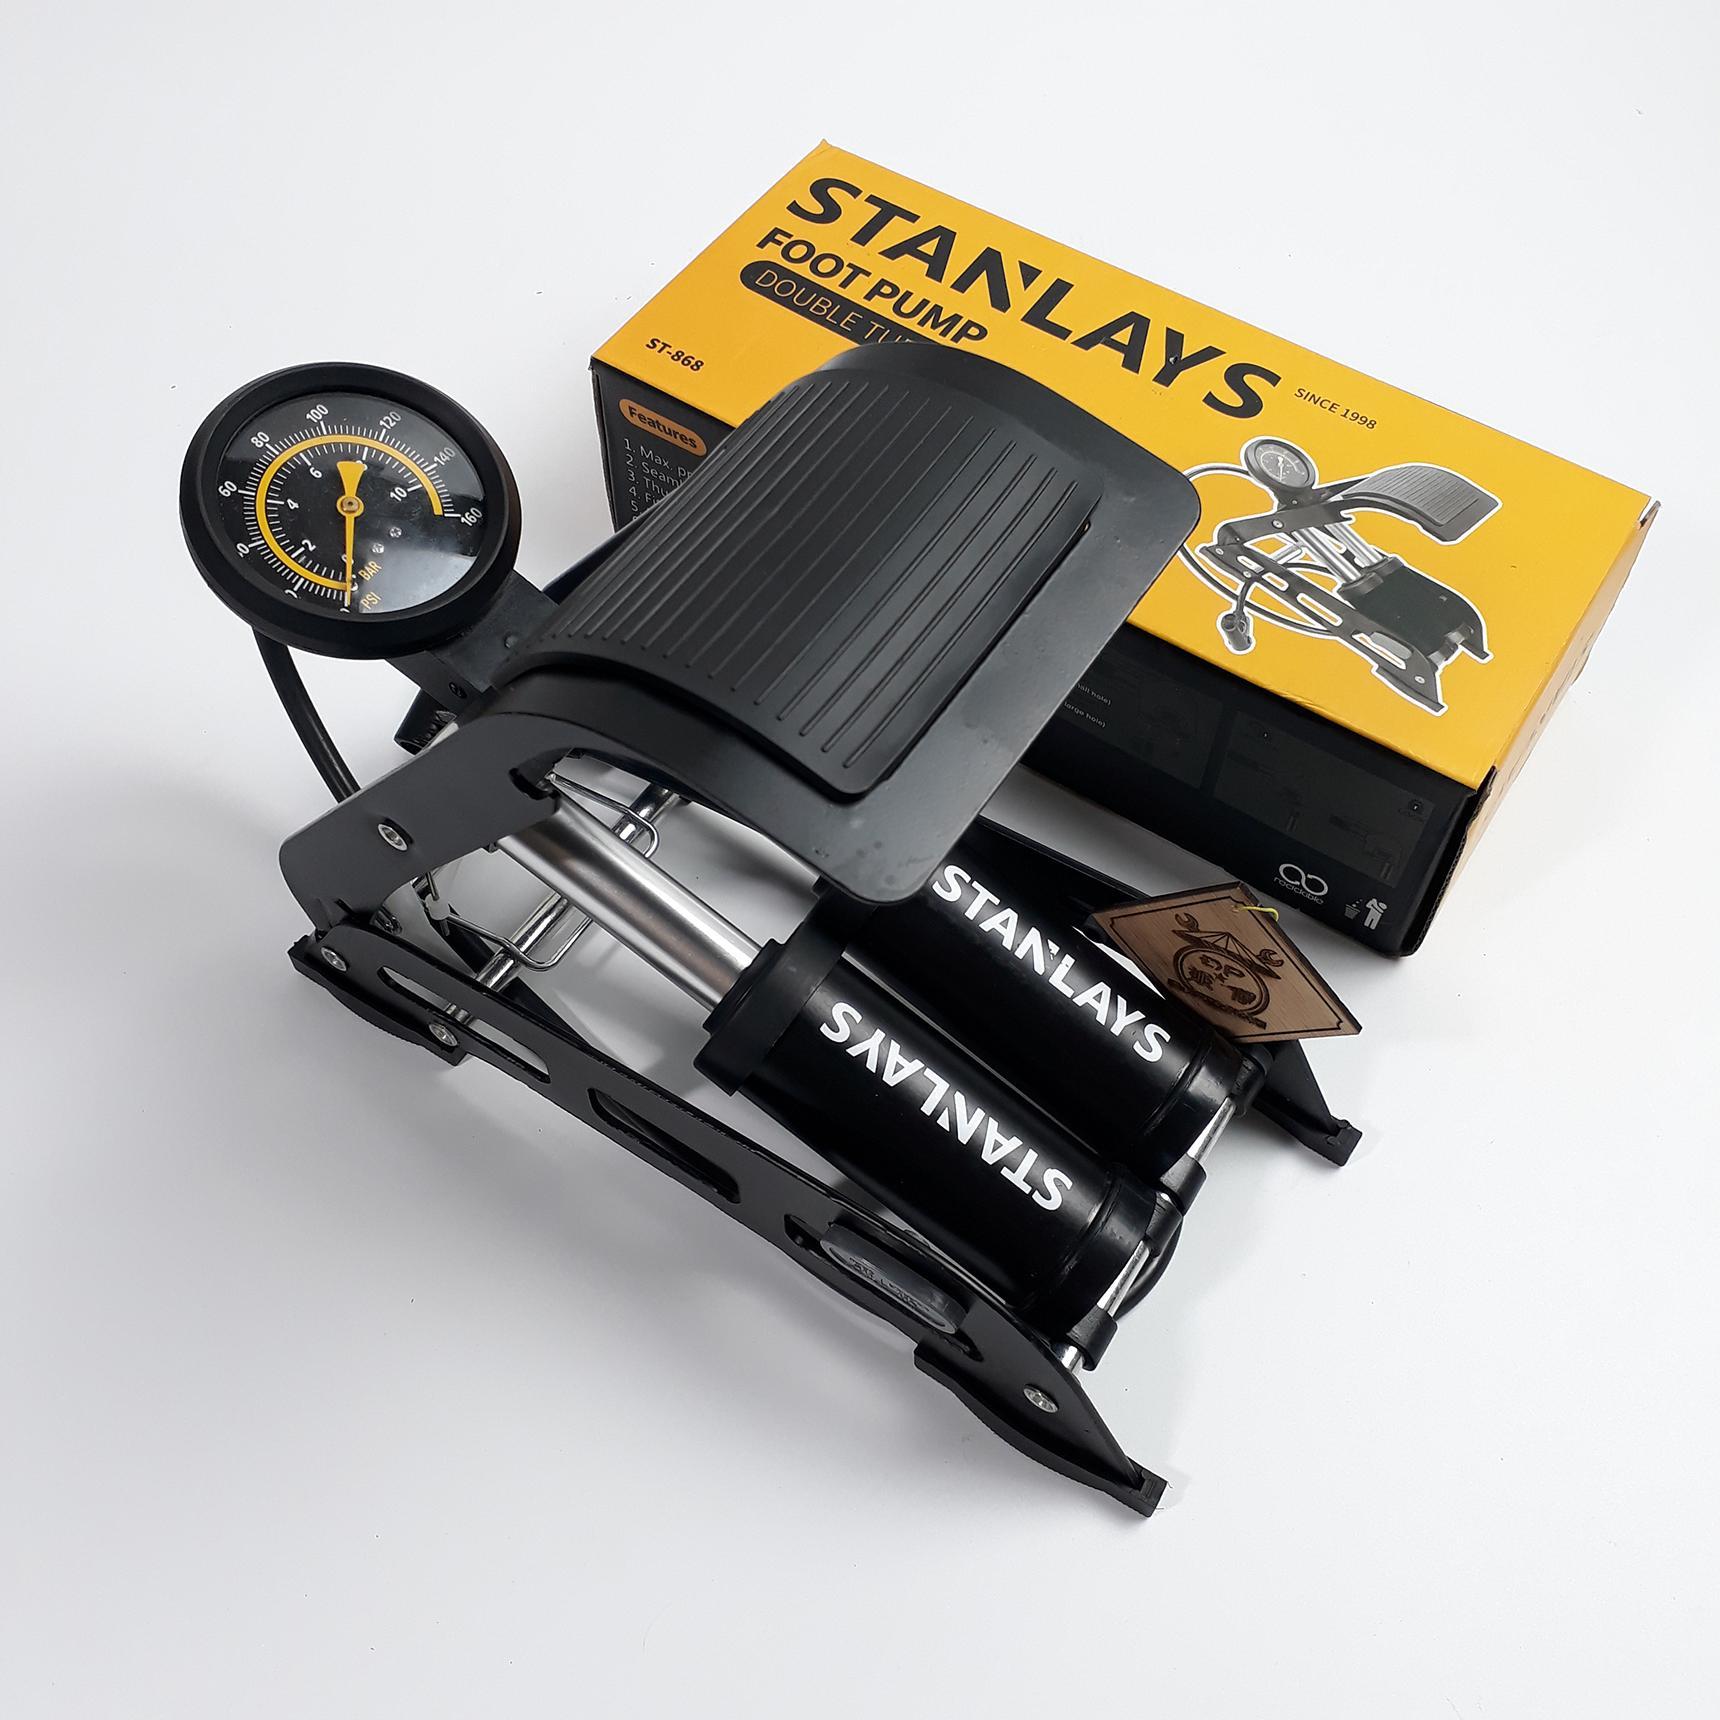 bơm hơi đạp chân 2 nòng Stanlays - Bơm hơi đạp chân mini 2 ống bơm ô tô xe máy Stanlays